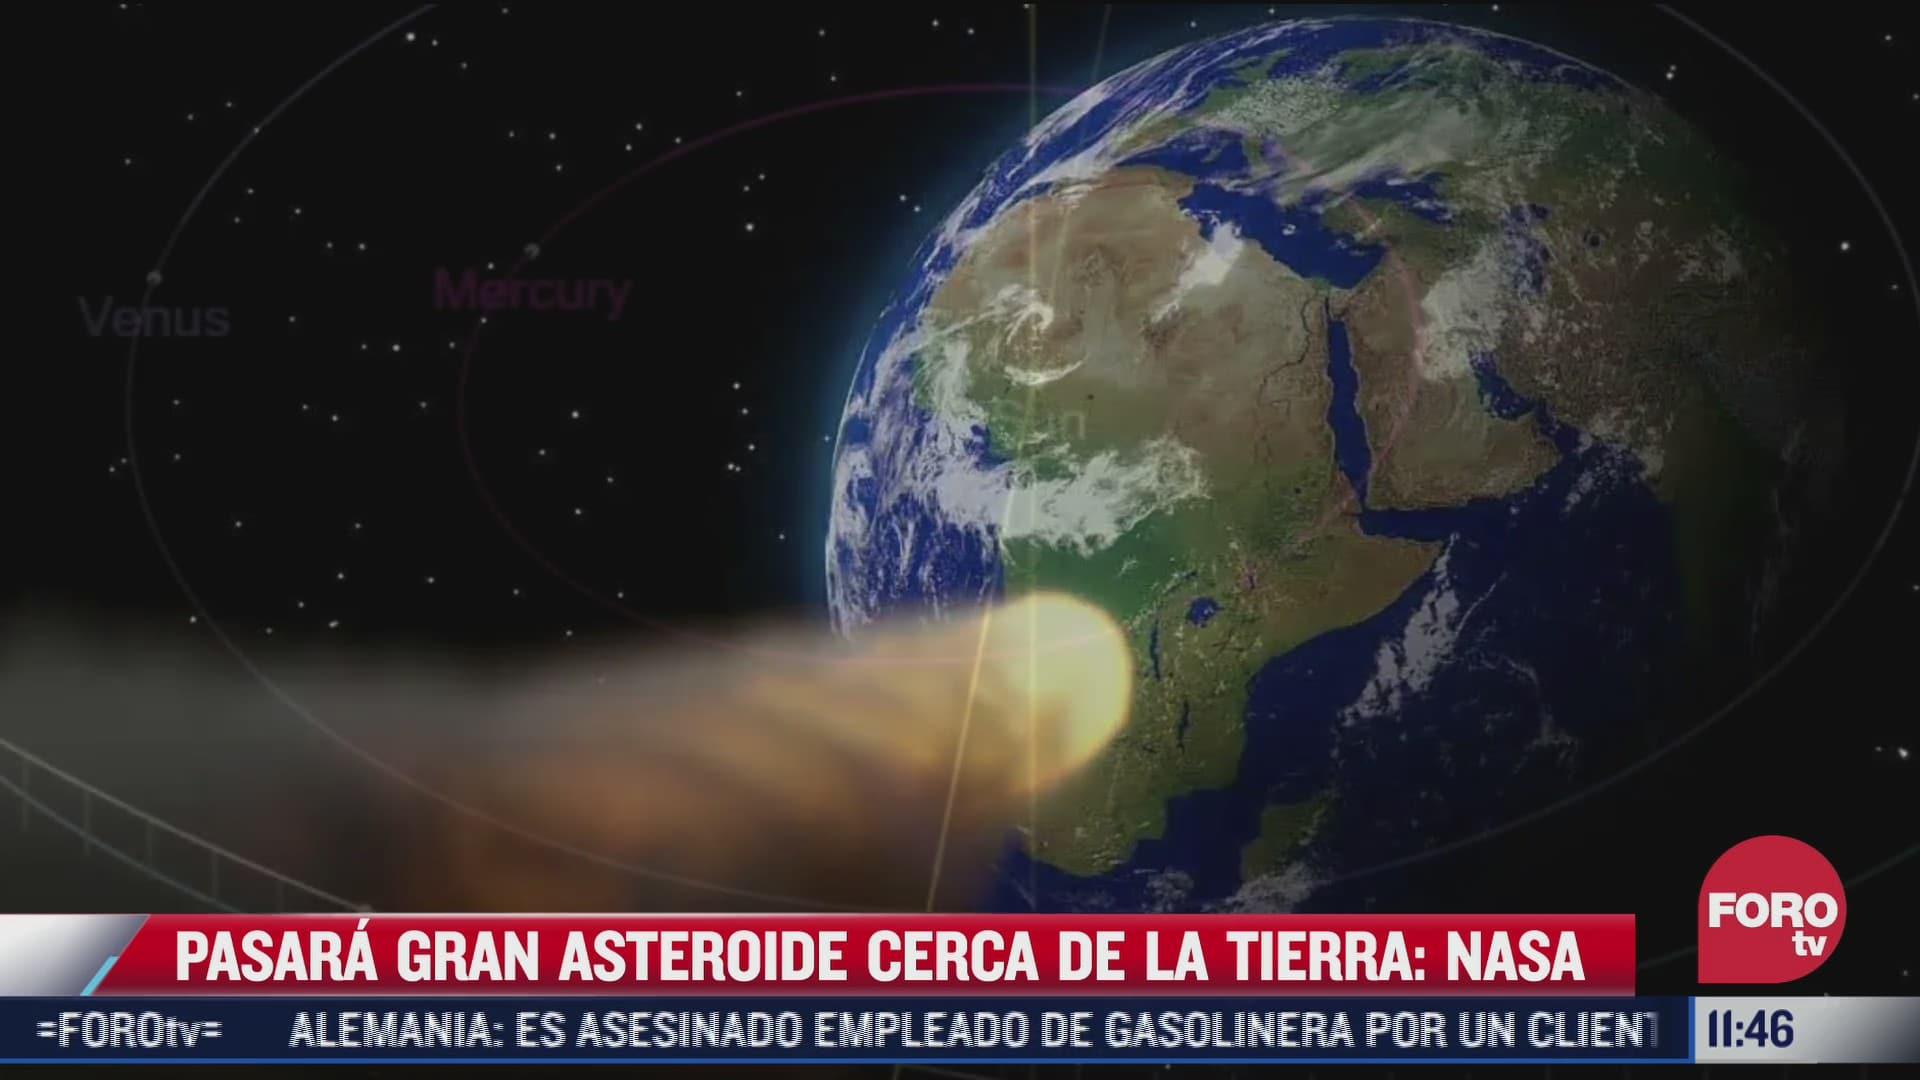 asteroide gigante pasara cerca de la tierra alerta la nasa